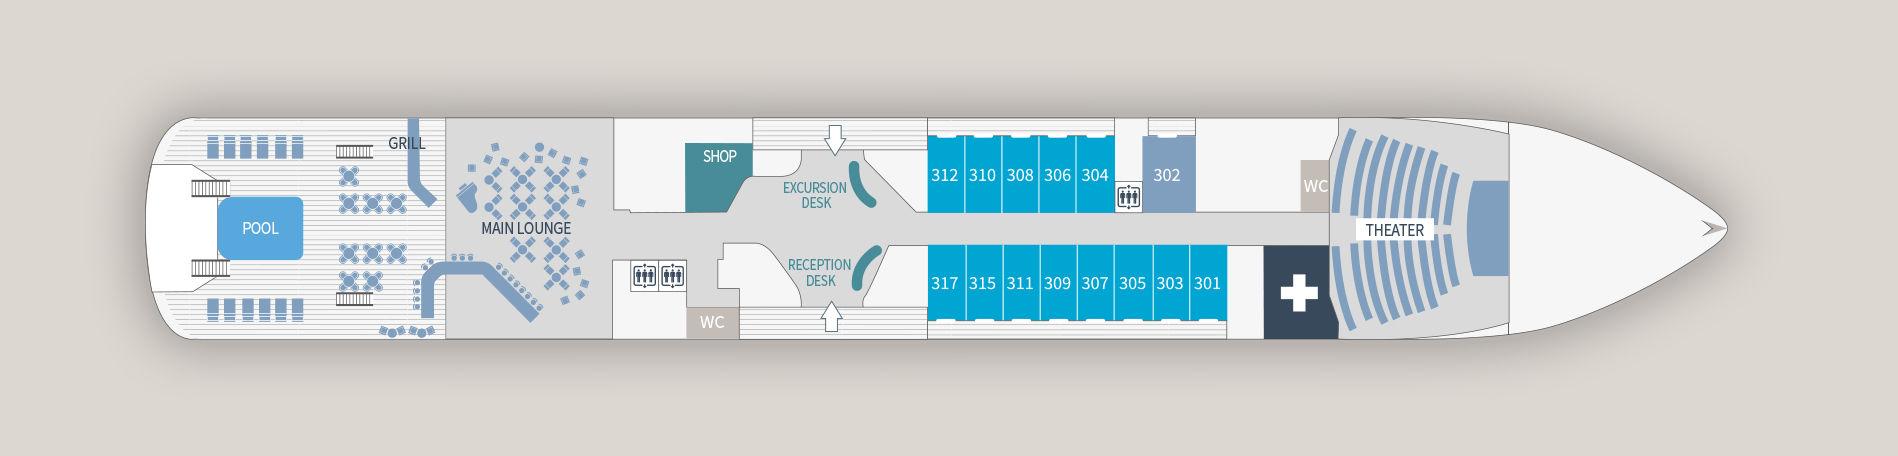 Ponant Le Laperouse Deck Plans Deck 3.jpg